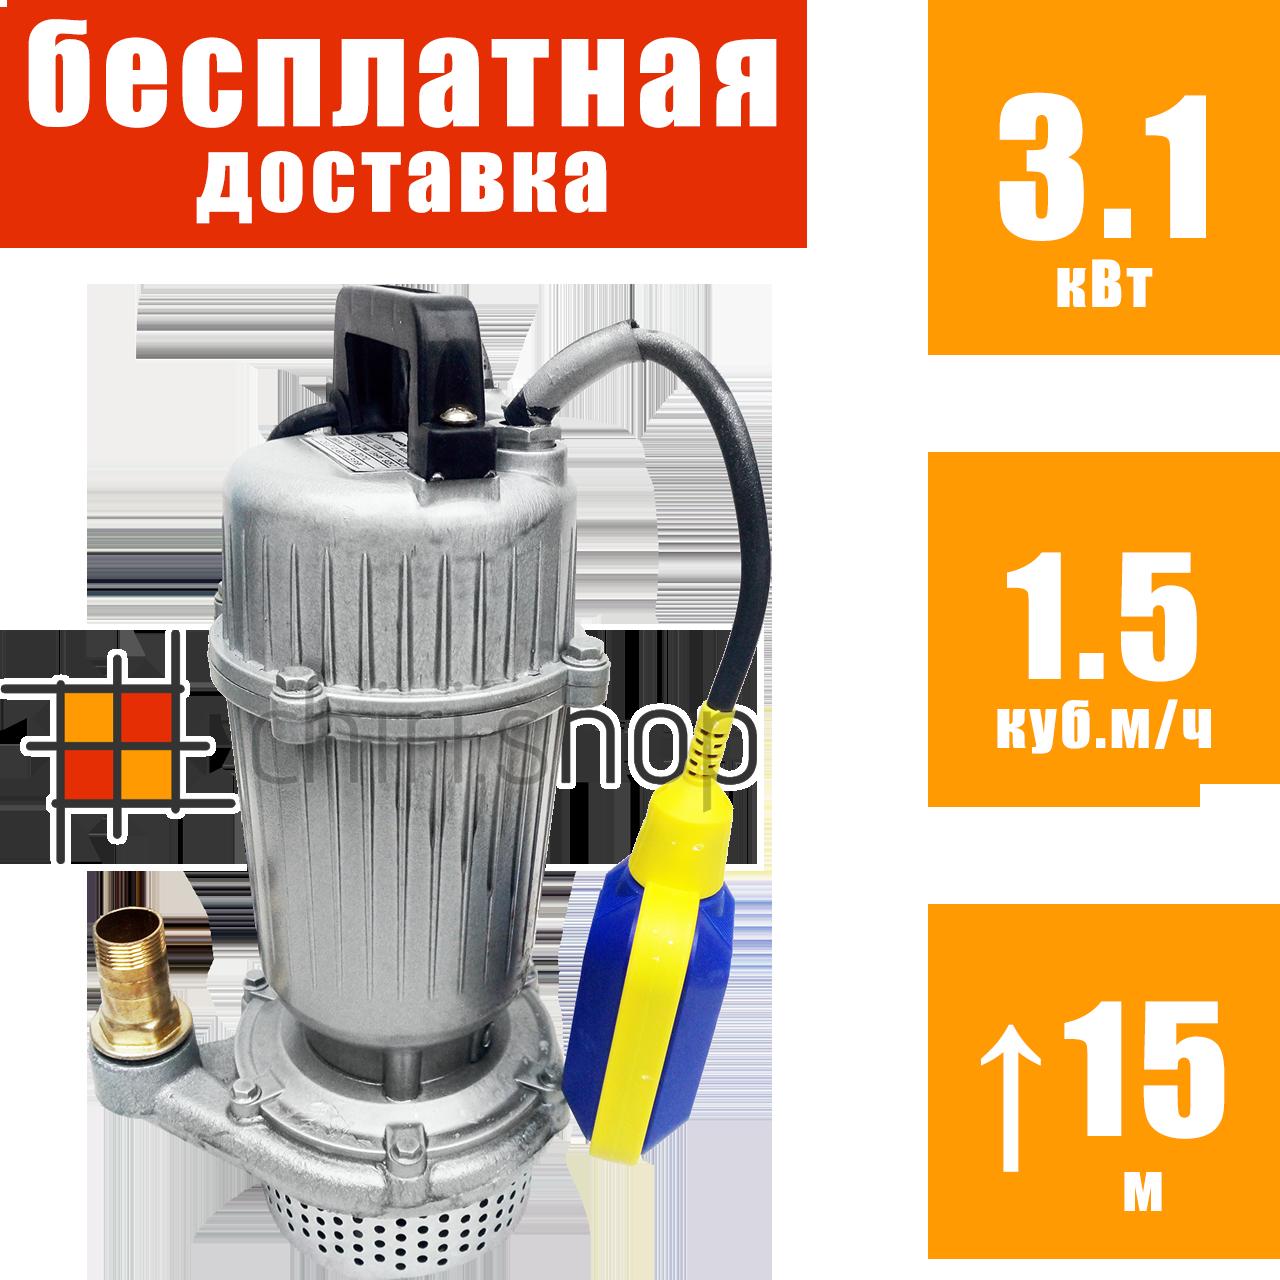 Дренажный насос с ситом и поплавком Champion CP-5006, 1.5 куб.м/ч, насос сито для грязной воды